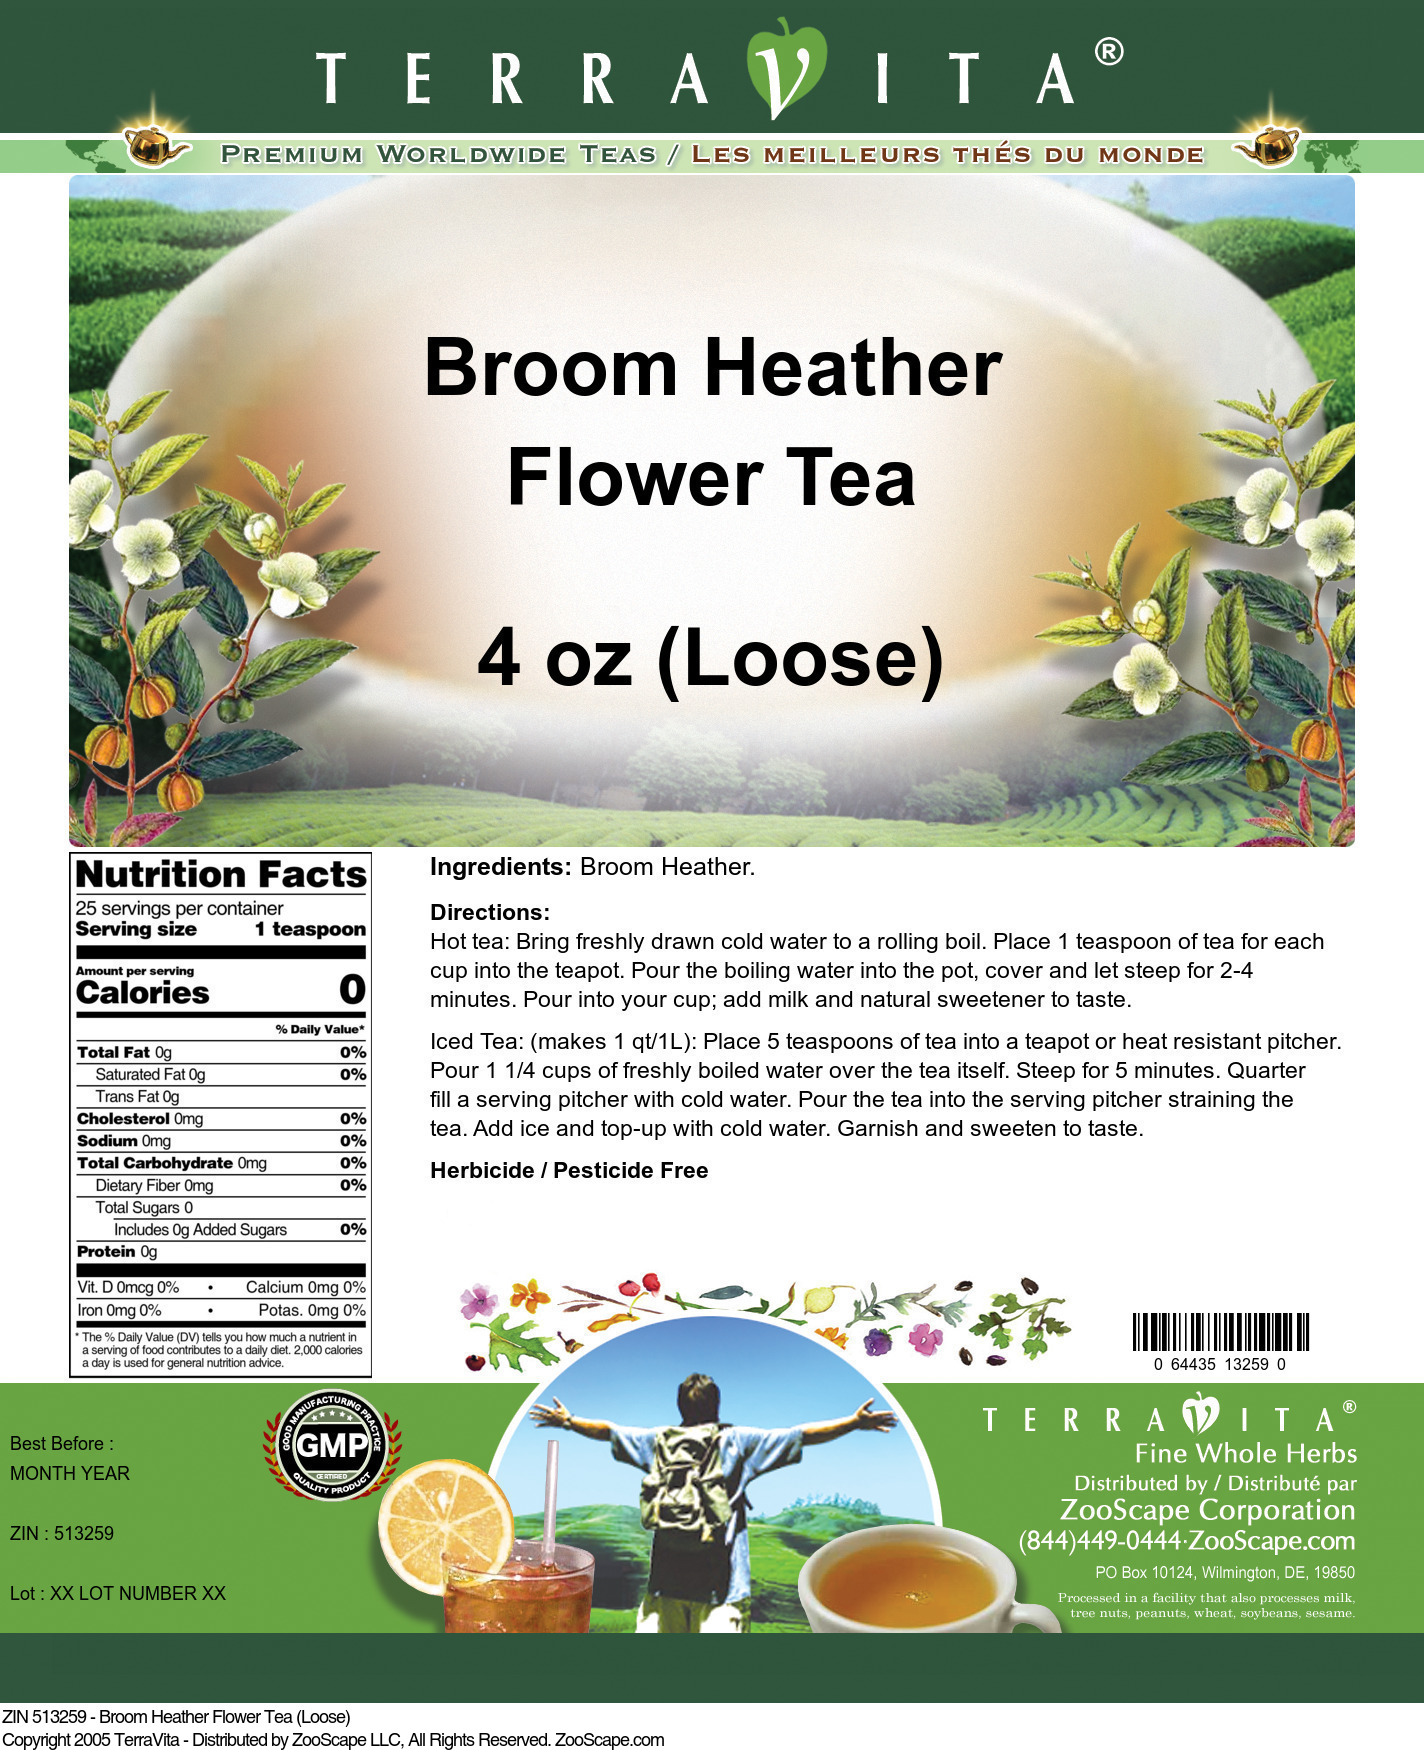 Broom Heather Flower